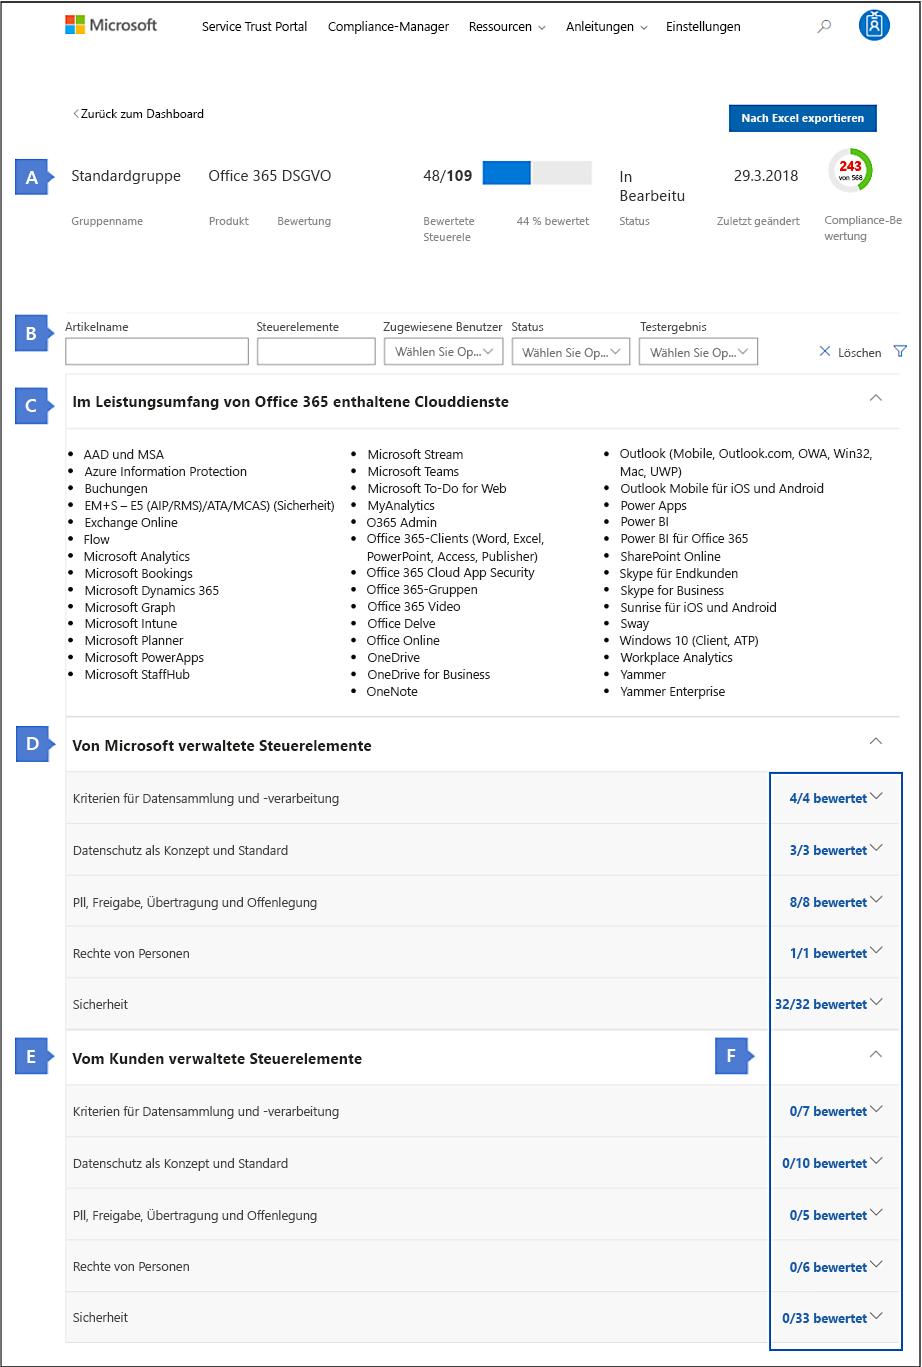 """Ansicht """"Compliance-Manager-Bewertung"""" – Vollbild mit Popups"""